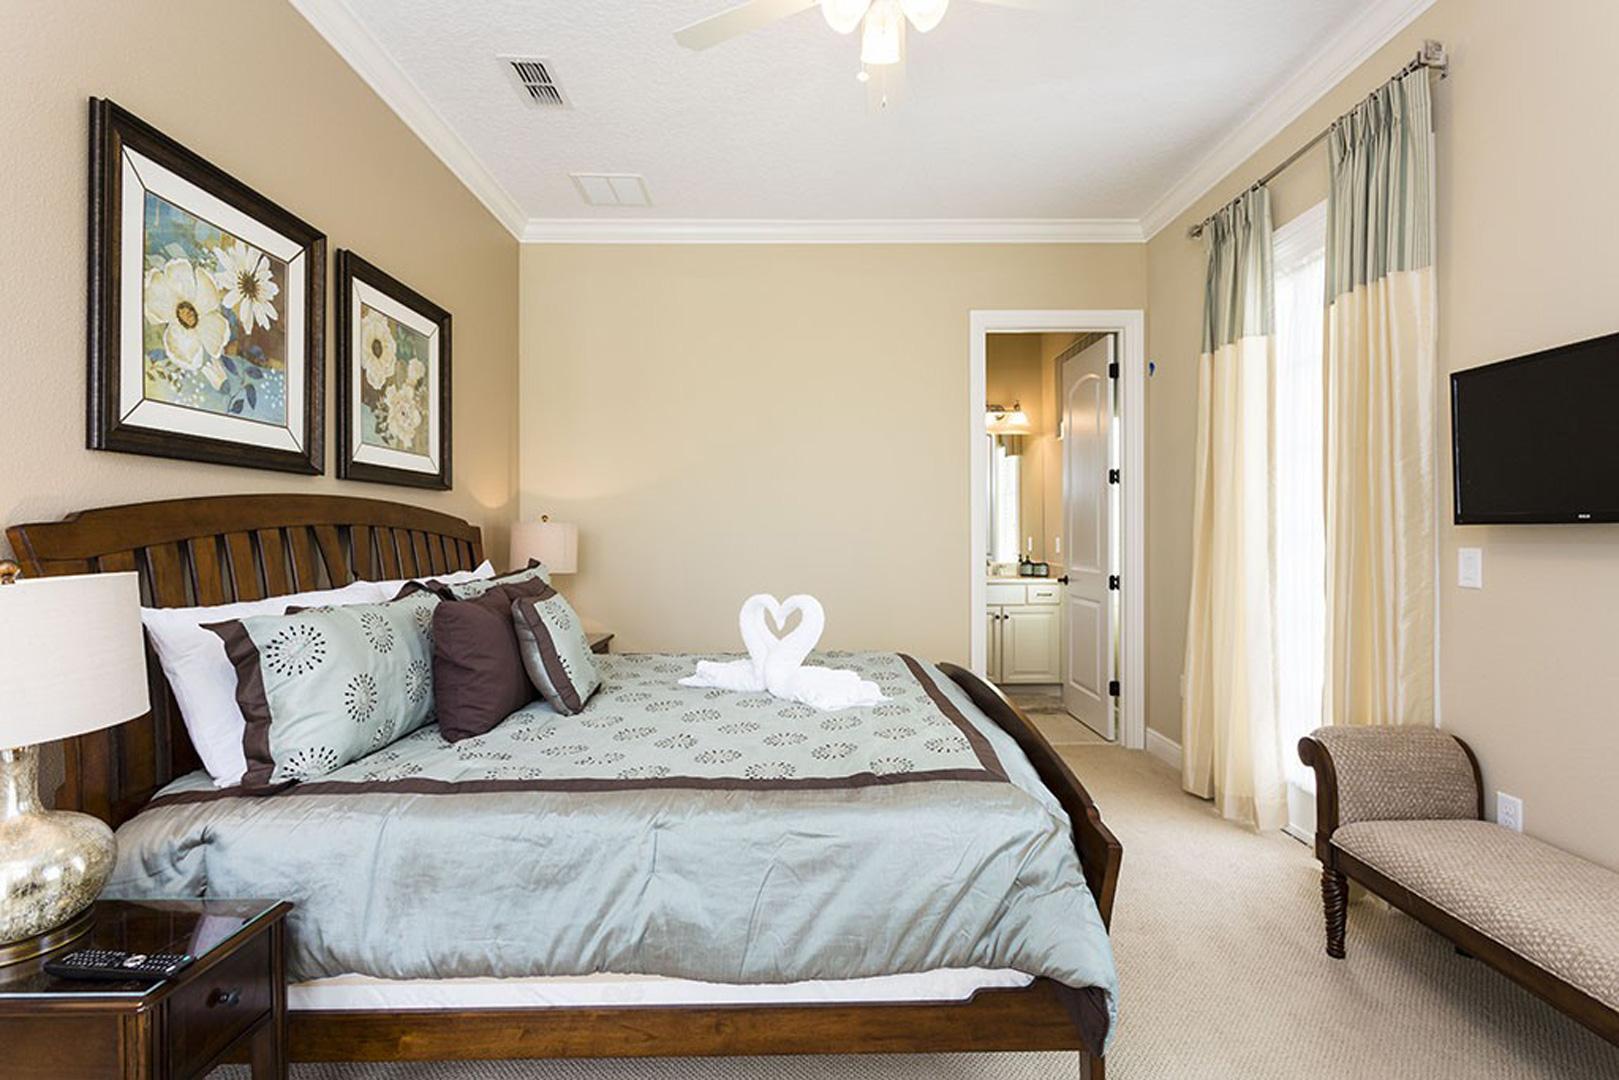 Bedrooms26